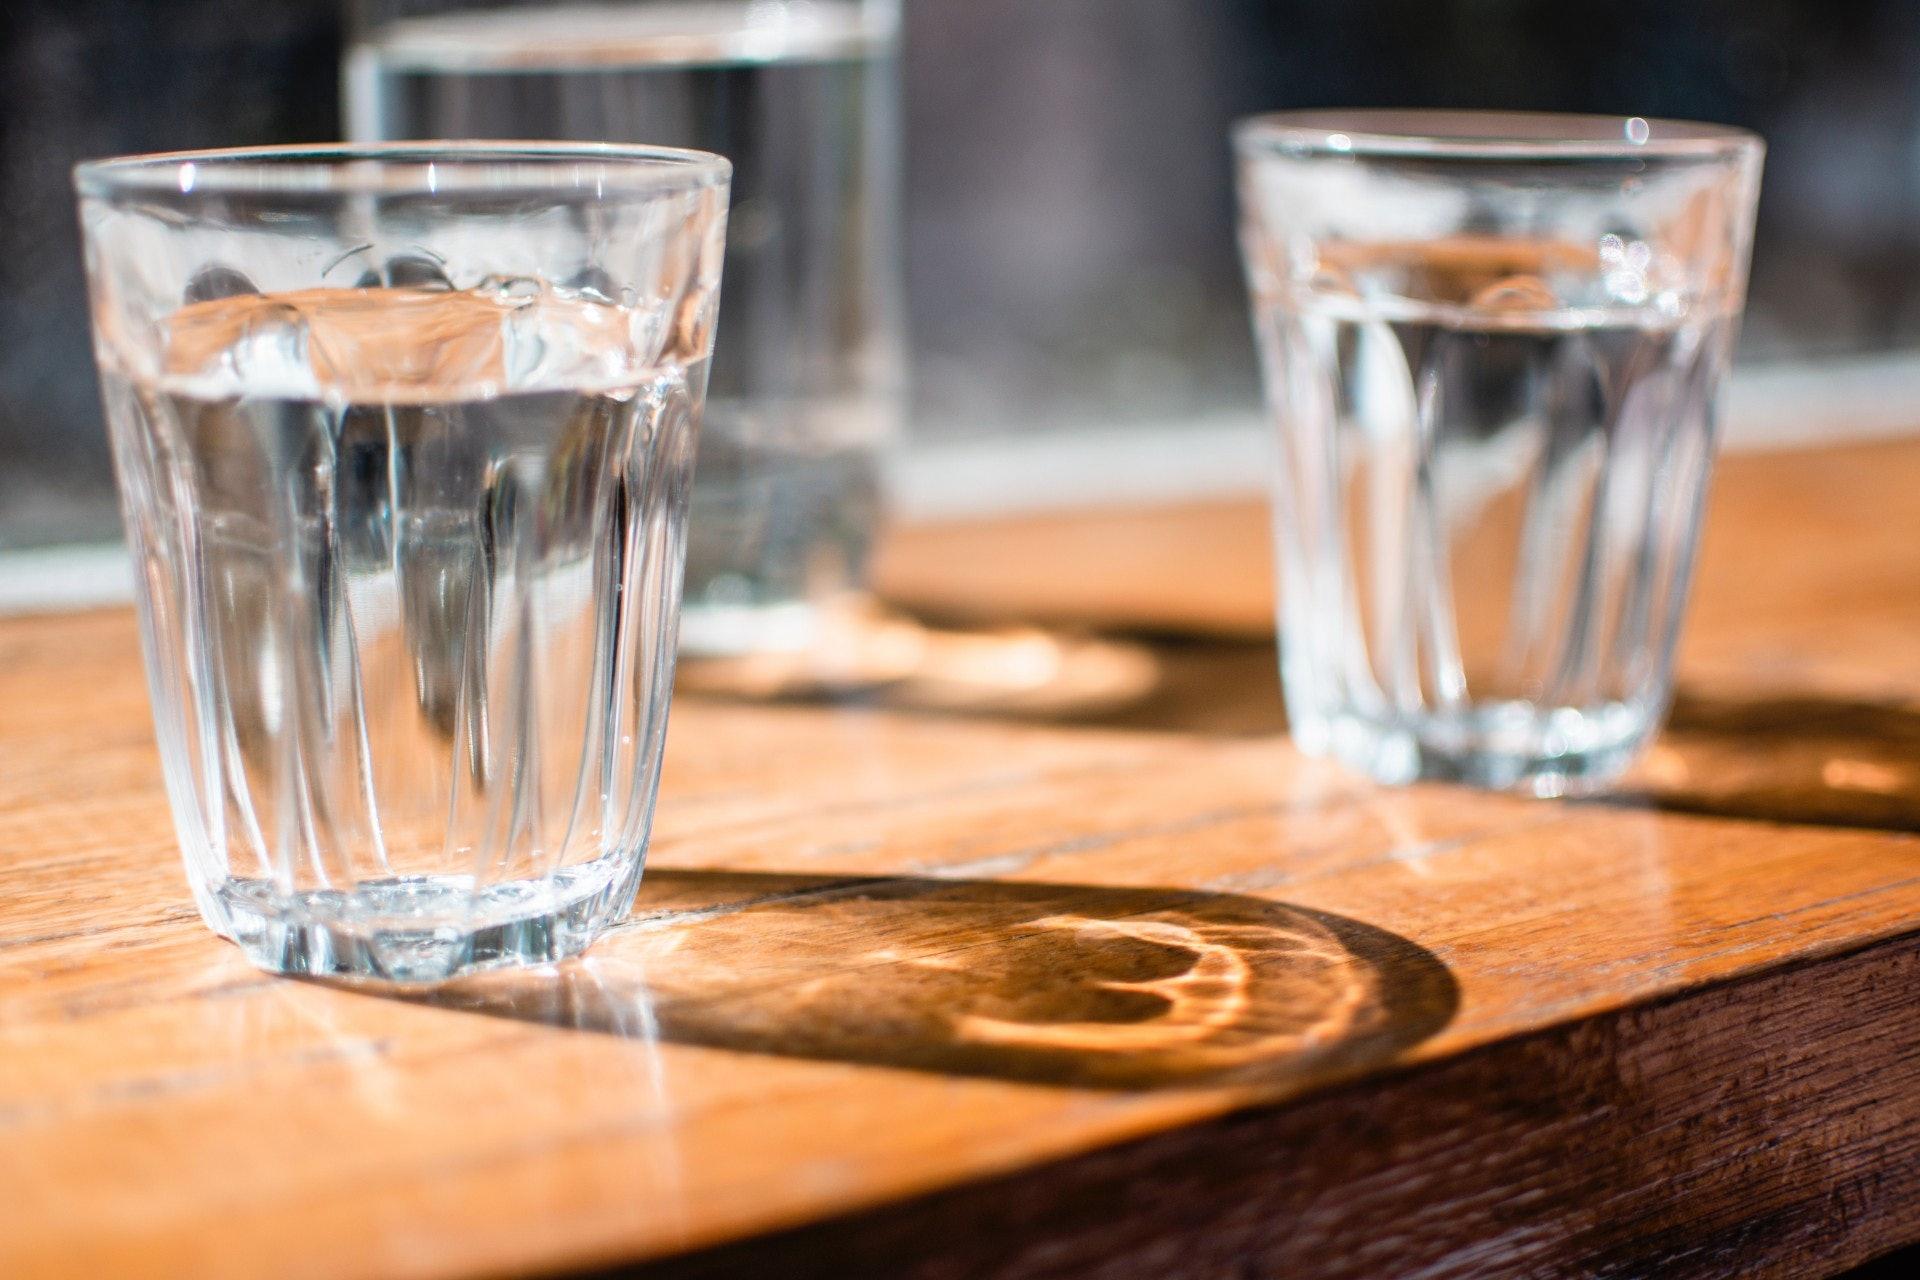 1.【喝大量飲料,防止缺水】﹙jana-sabeth/unsplash﹚